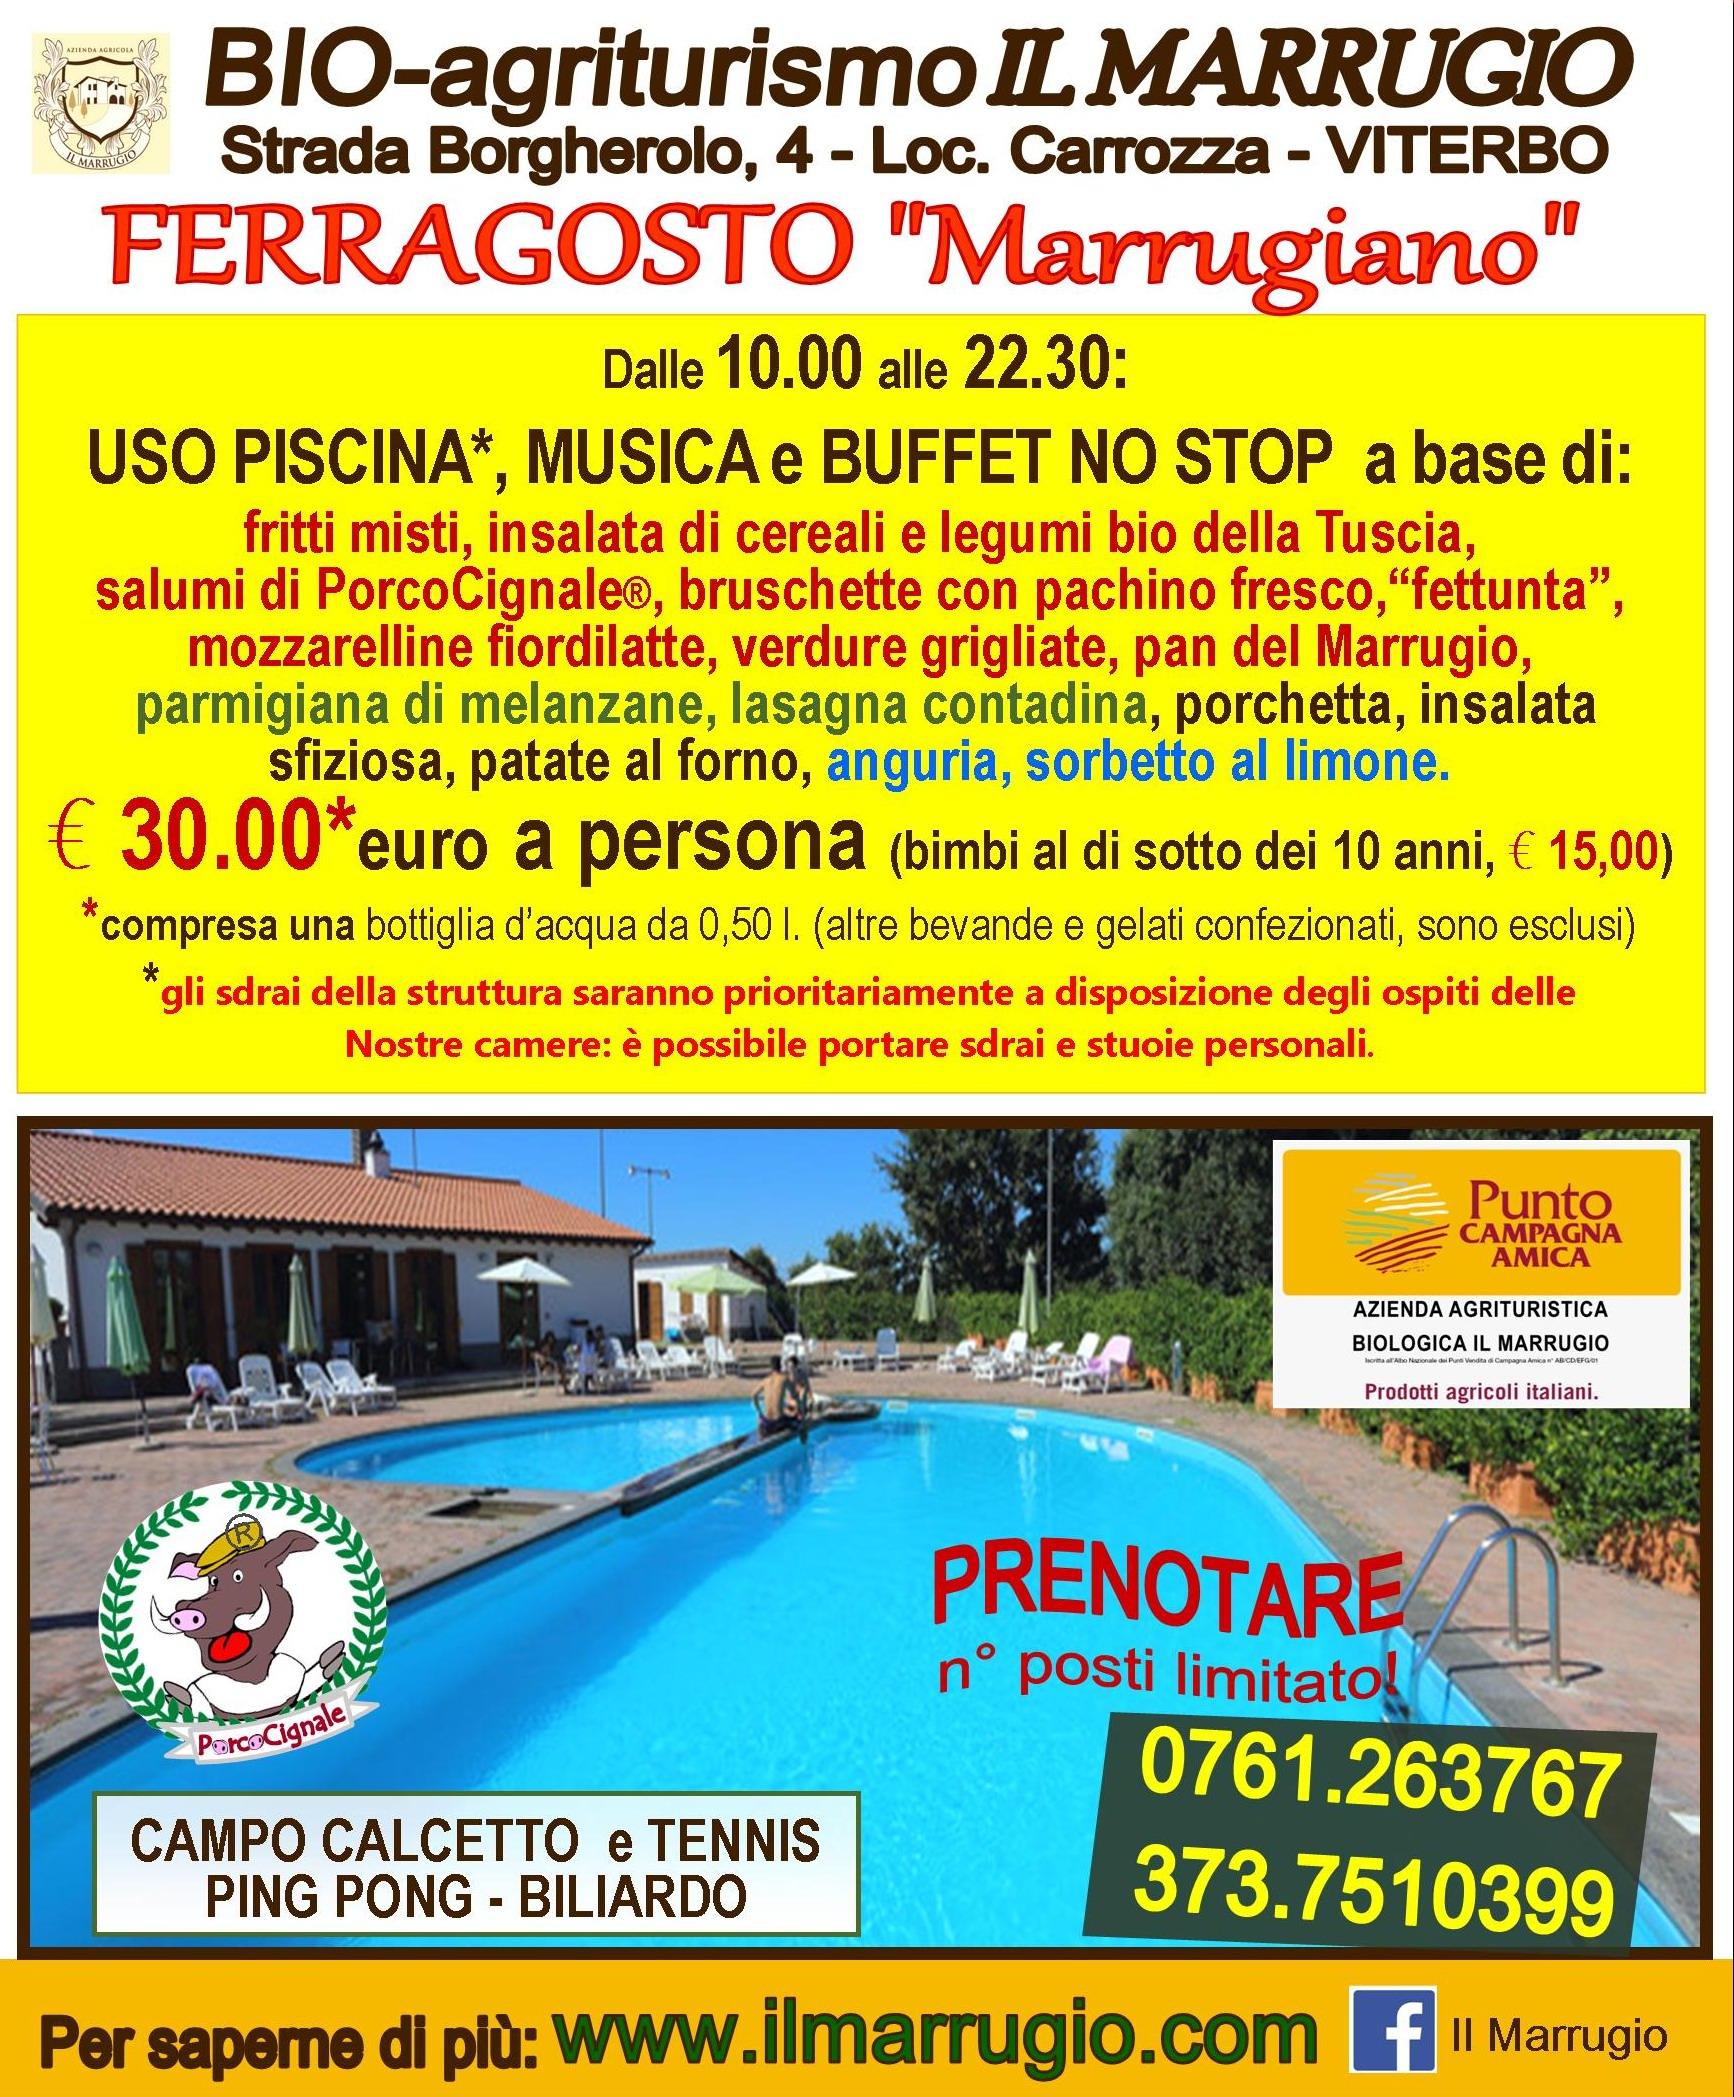 locandina ferrag 2017 Marrugio